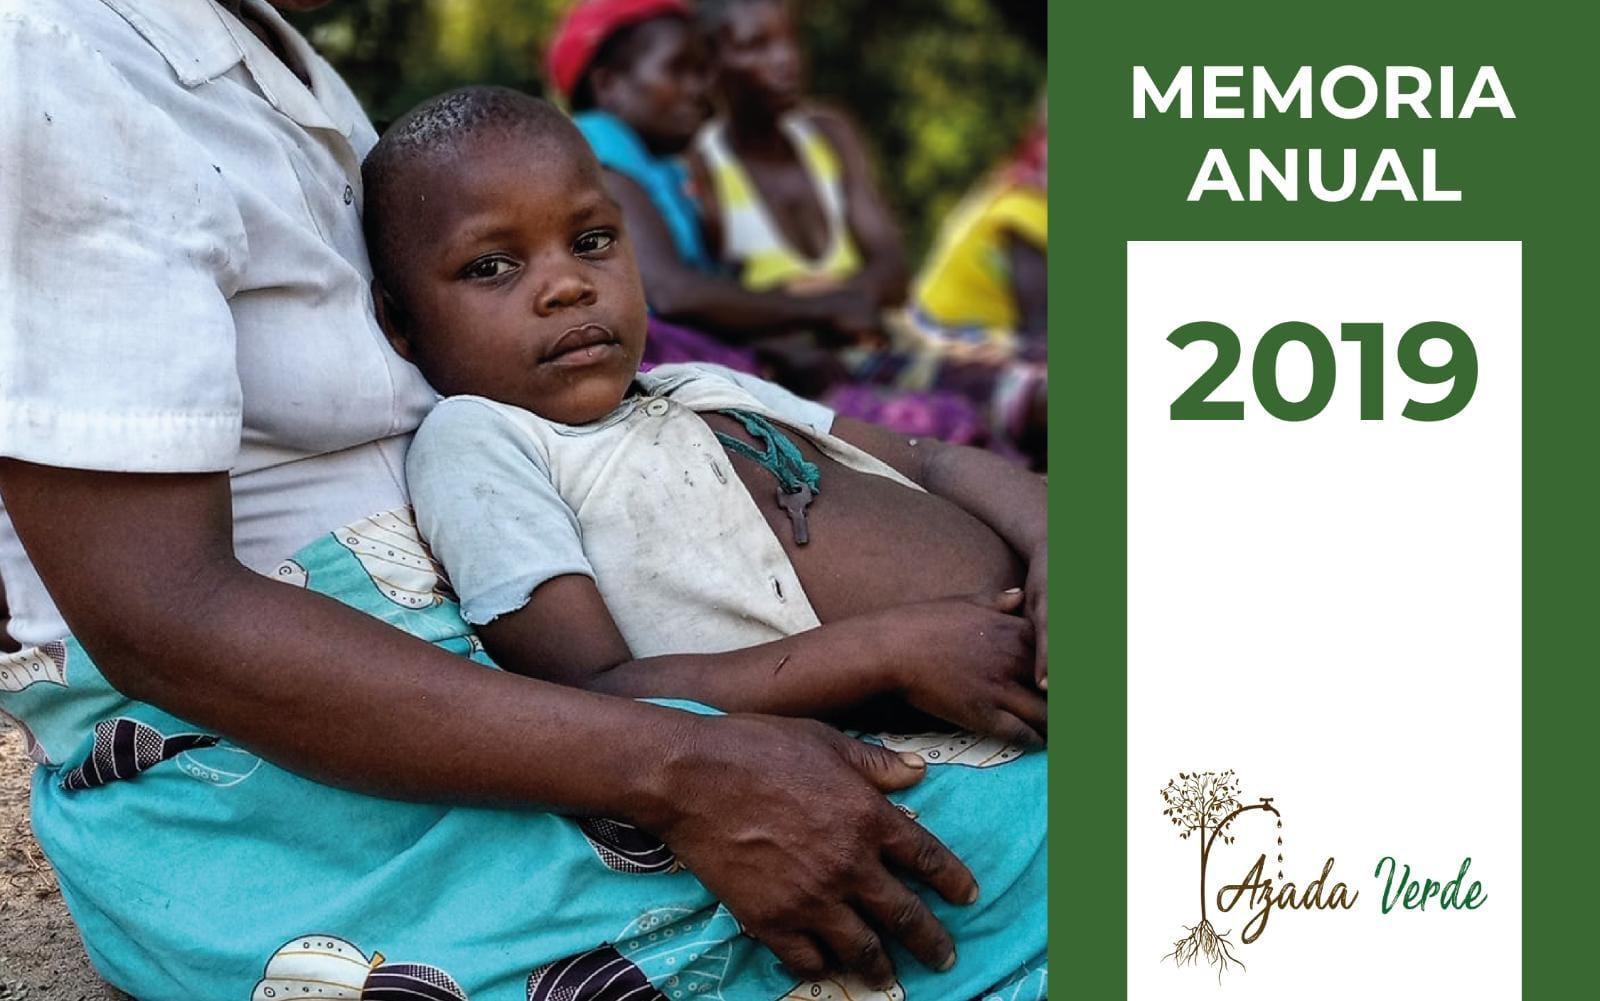 Memoria 2019 Azada Verde